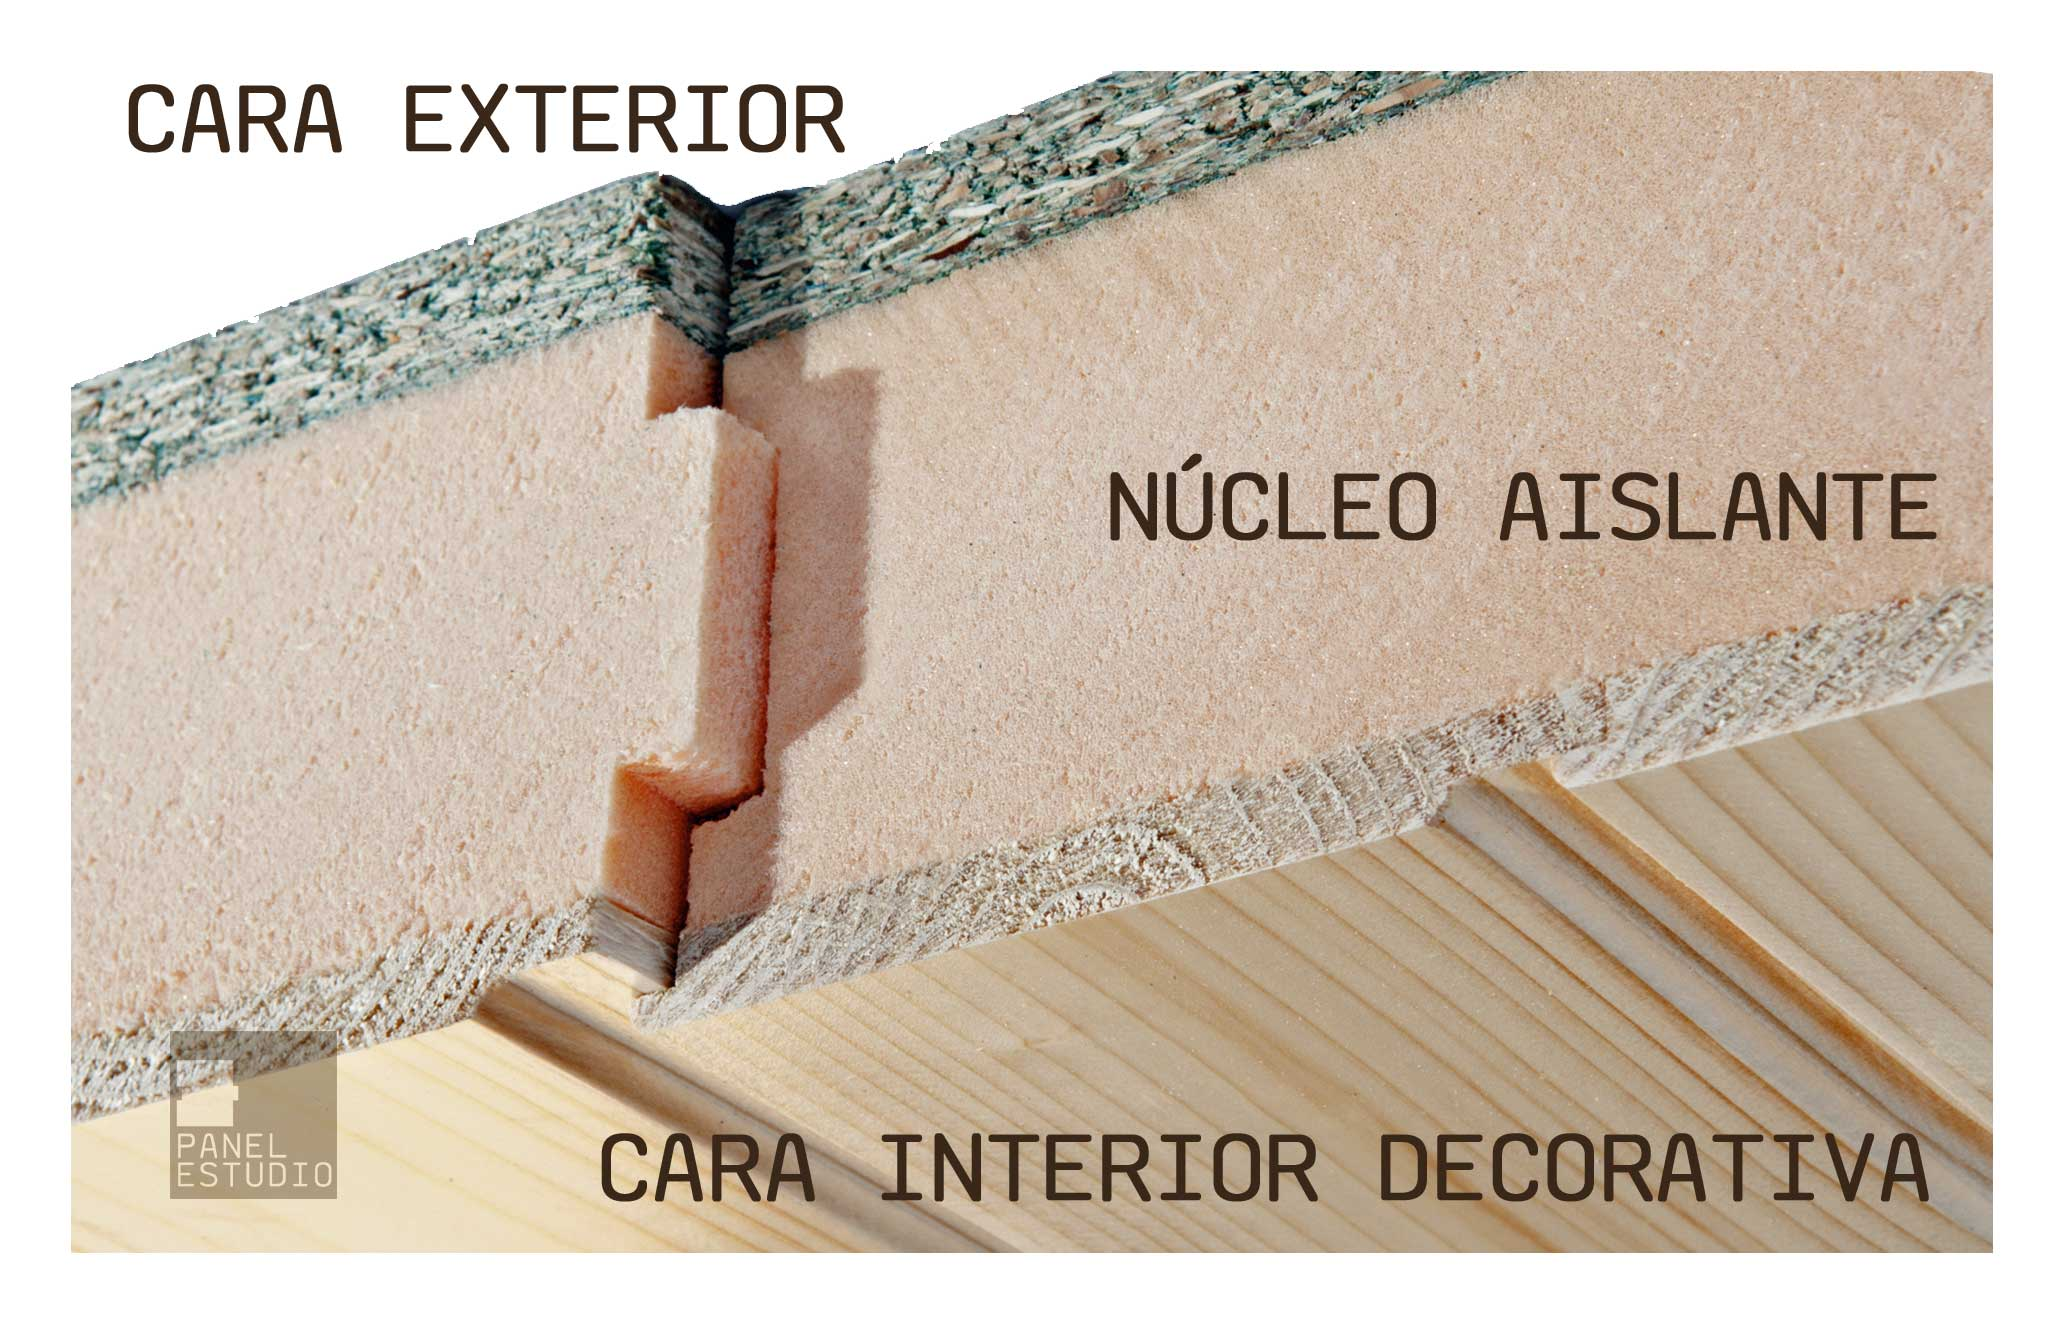 Panelestudio panel de madera aislante para cubiertas for Tejados y cubiertas de madera